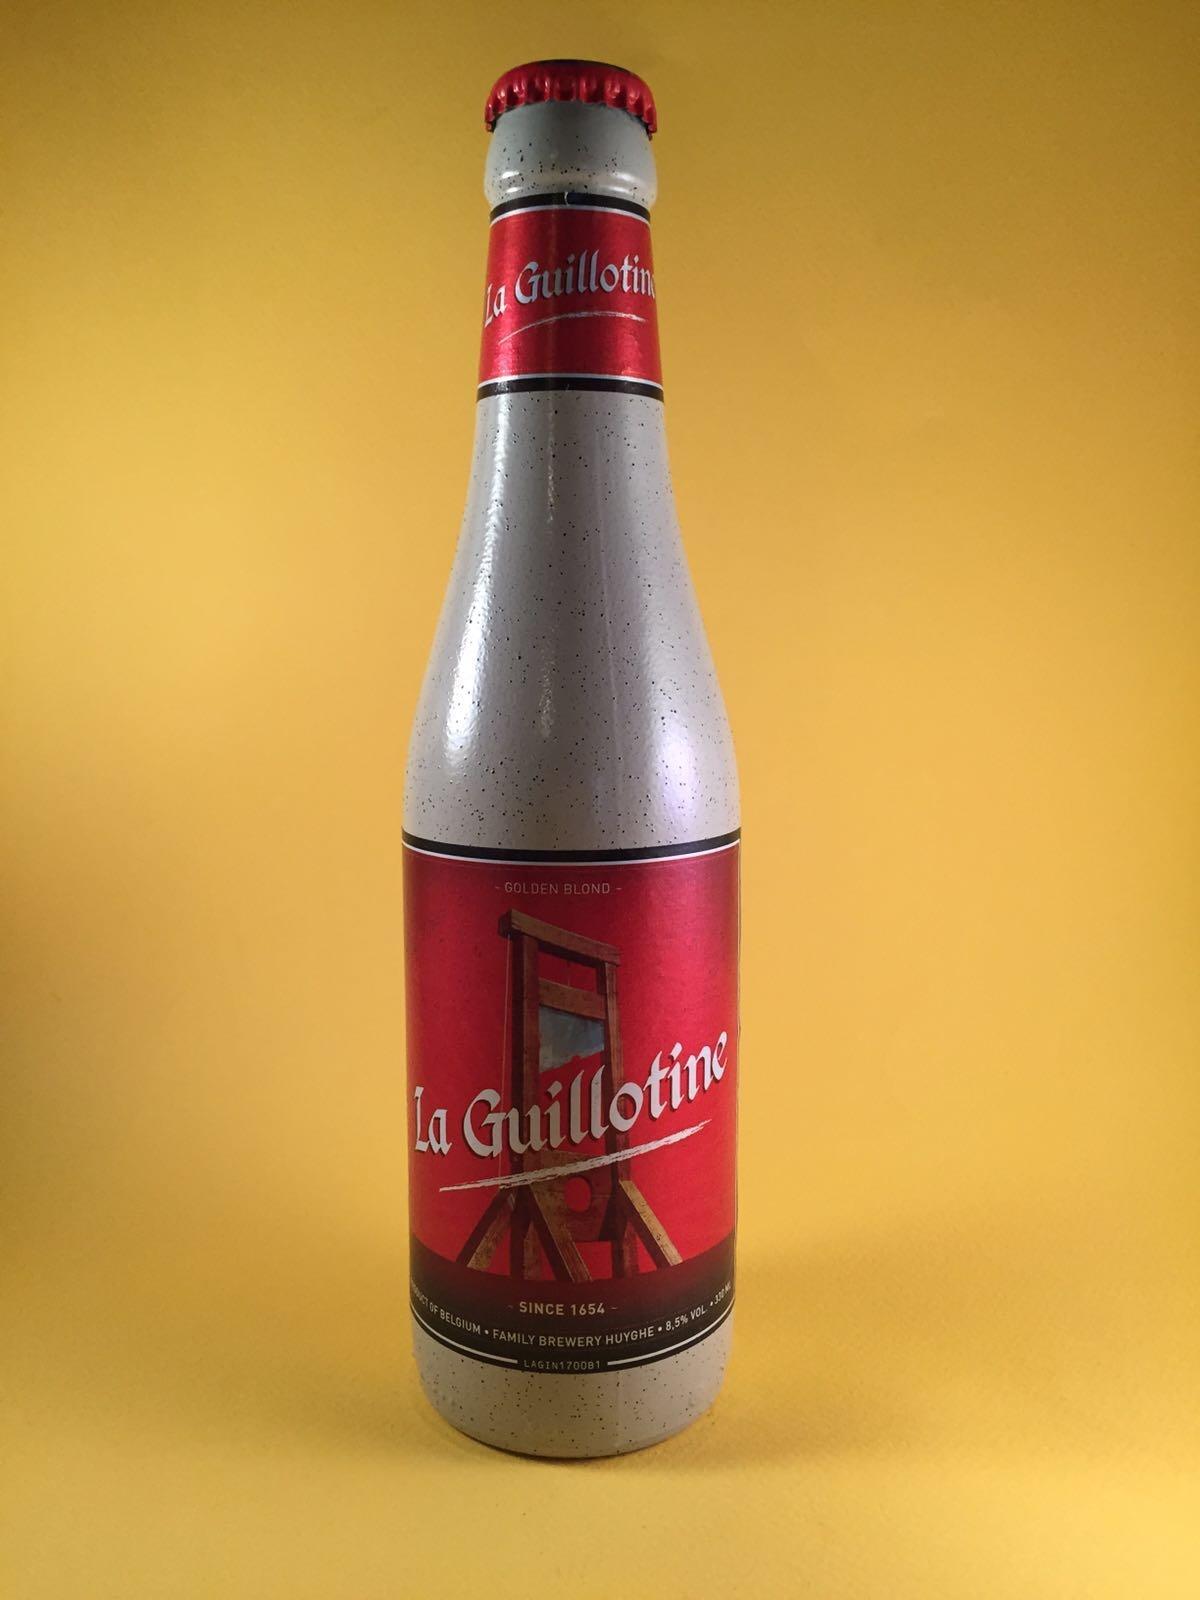 La Guillotine Herkomst: Melle, België De naam van het bier is te danken aan de Franse Revolutie. De tijd waarin je werd onthoofd onder de guillotine als je tegen de Revolutie was. Wederom een blond bier maar met een erg bittere smaak. Het flesje is geheel anders omdat het geen licht door laat waardoor de specifieke smaak beter behouden blijft.